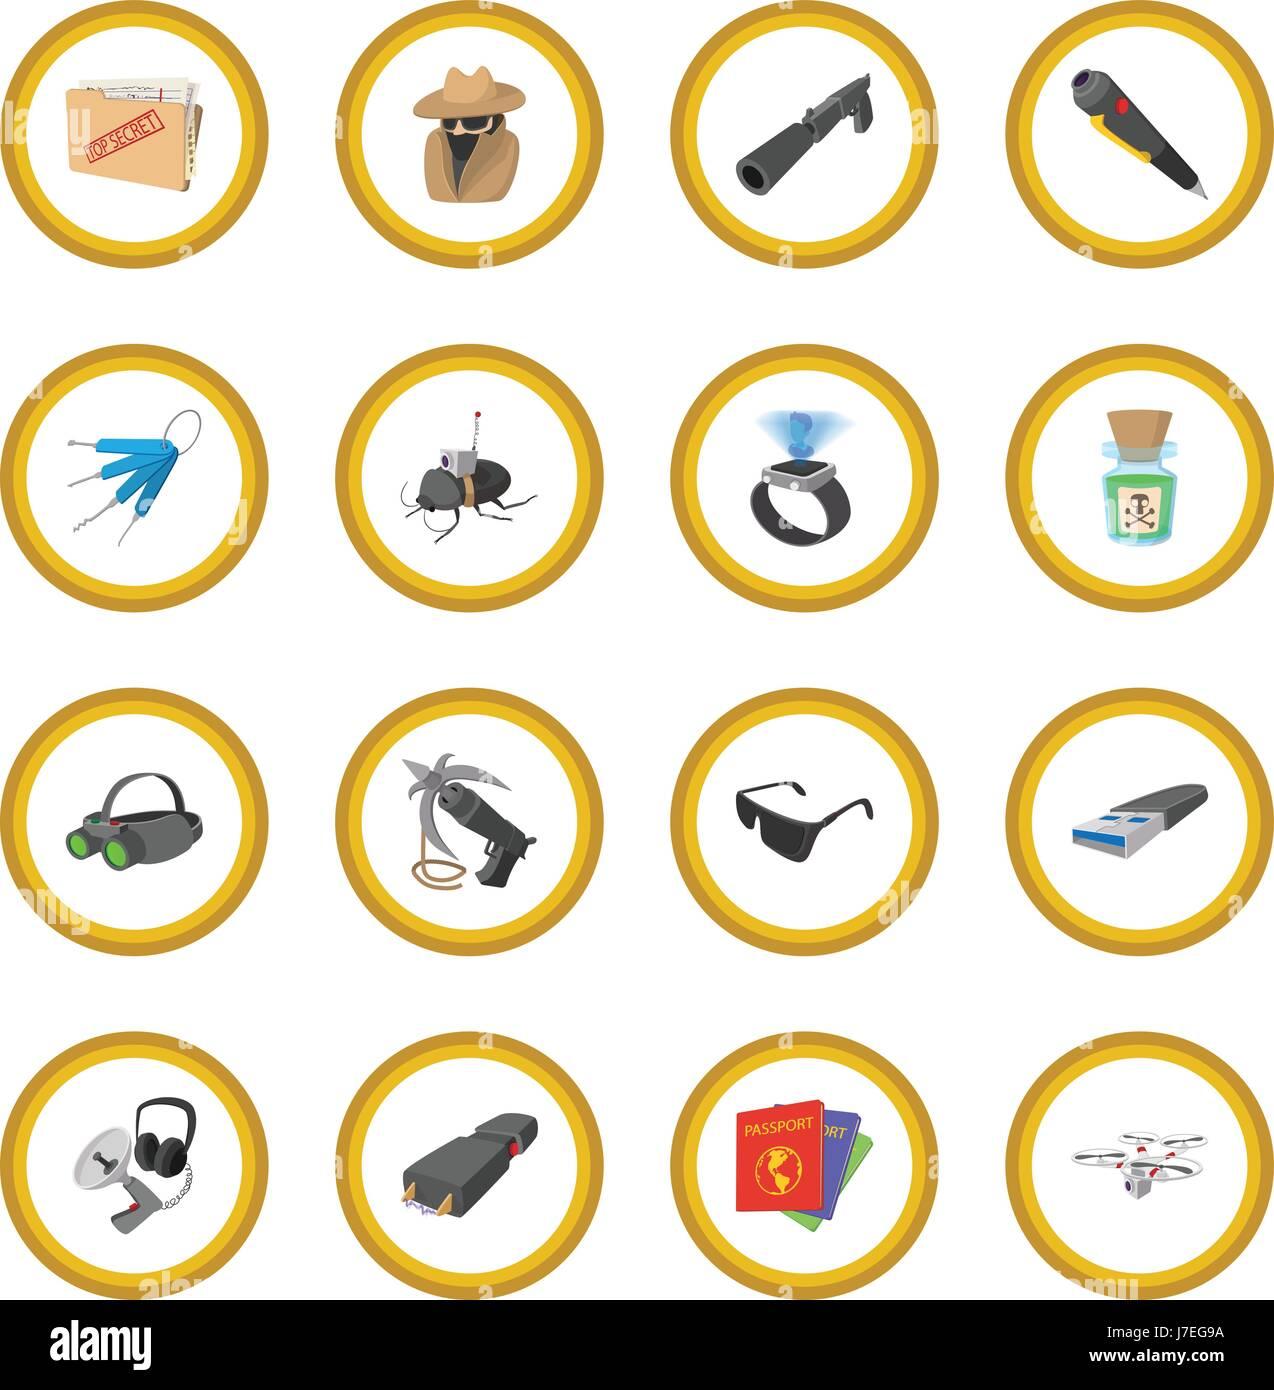 Spy cartoon icon circle - Stock Image